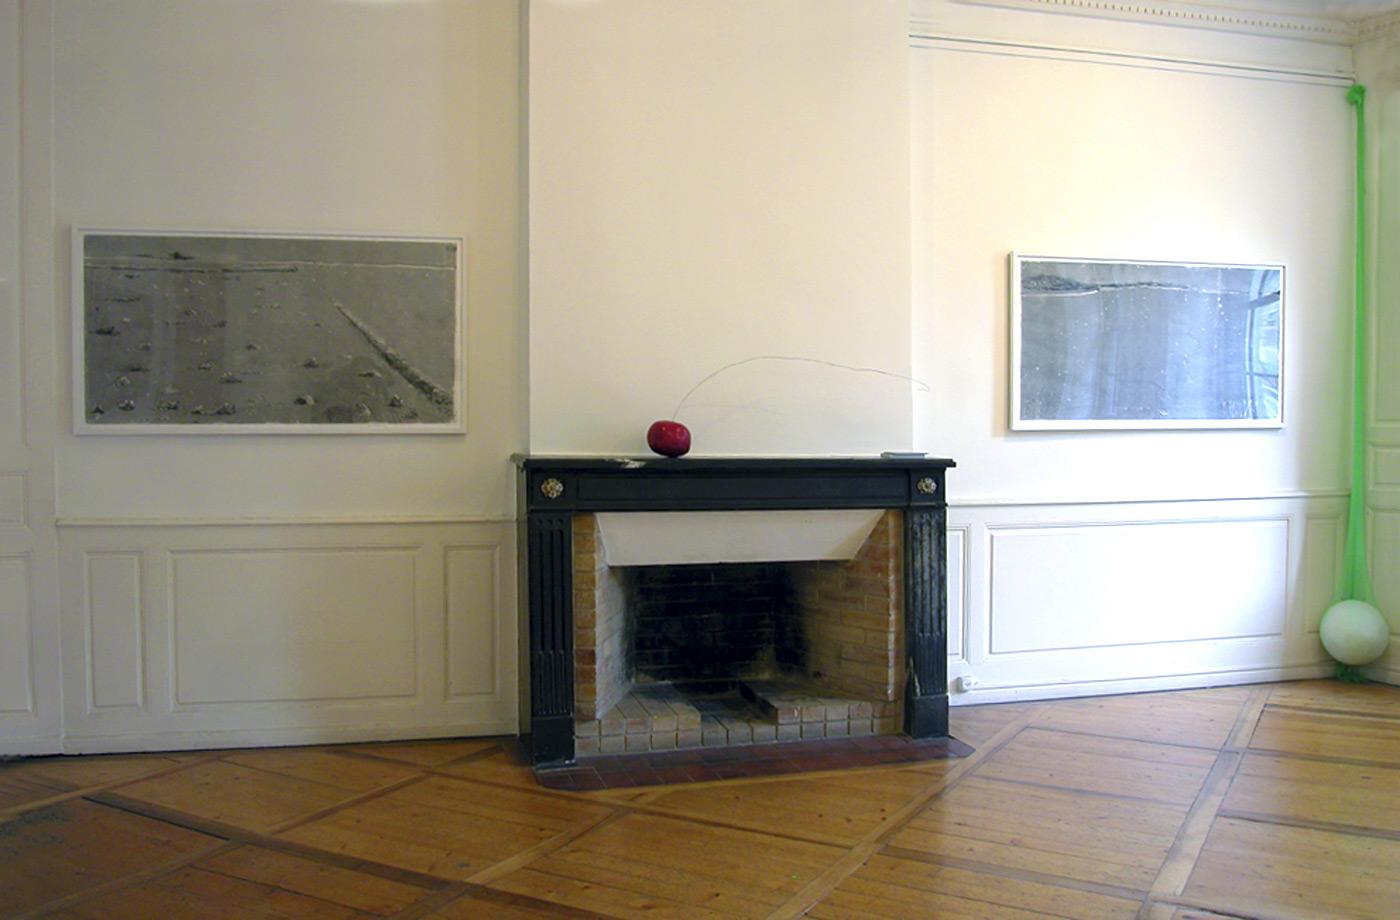 Galerie Michel Foex 2006